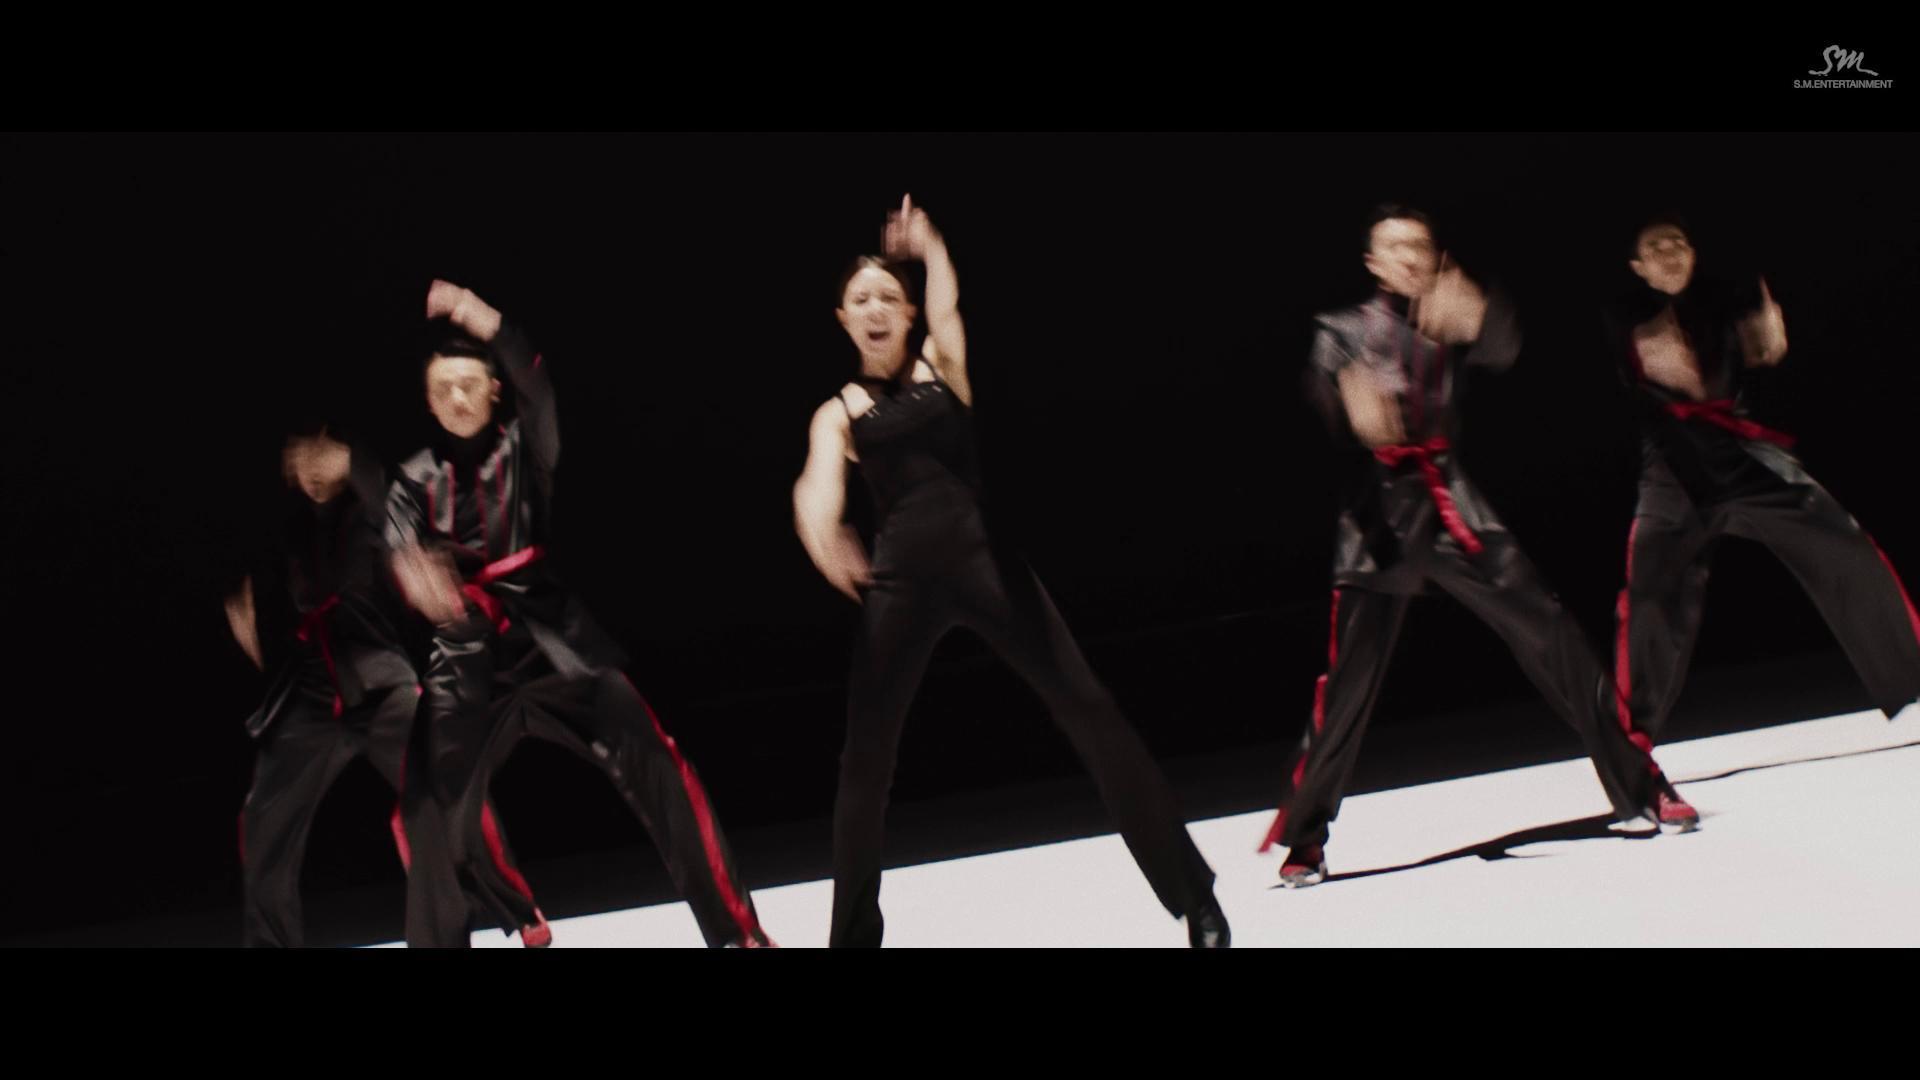 BoA_CAMO_Music Video